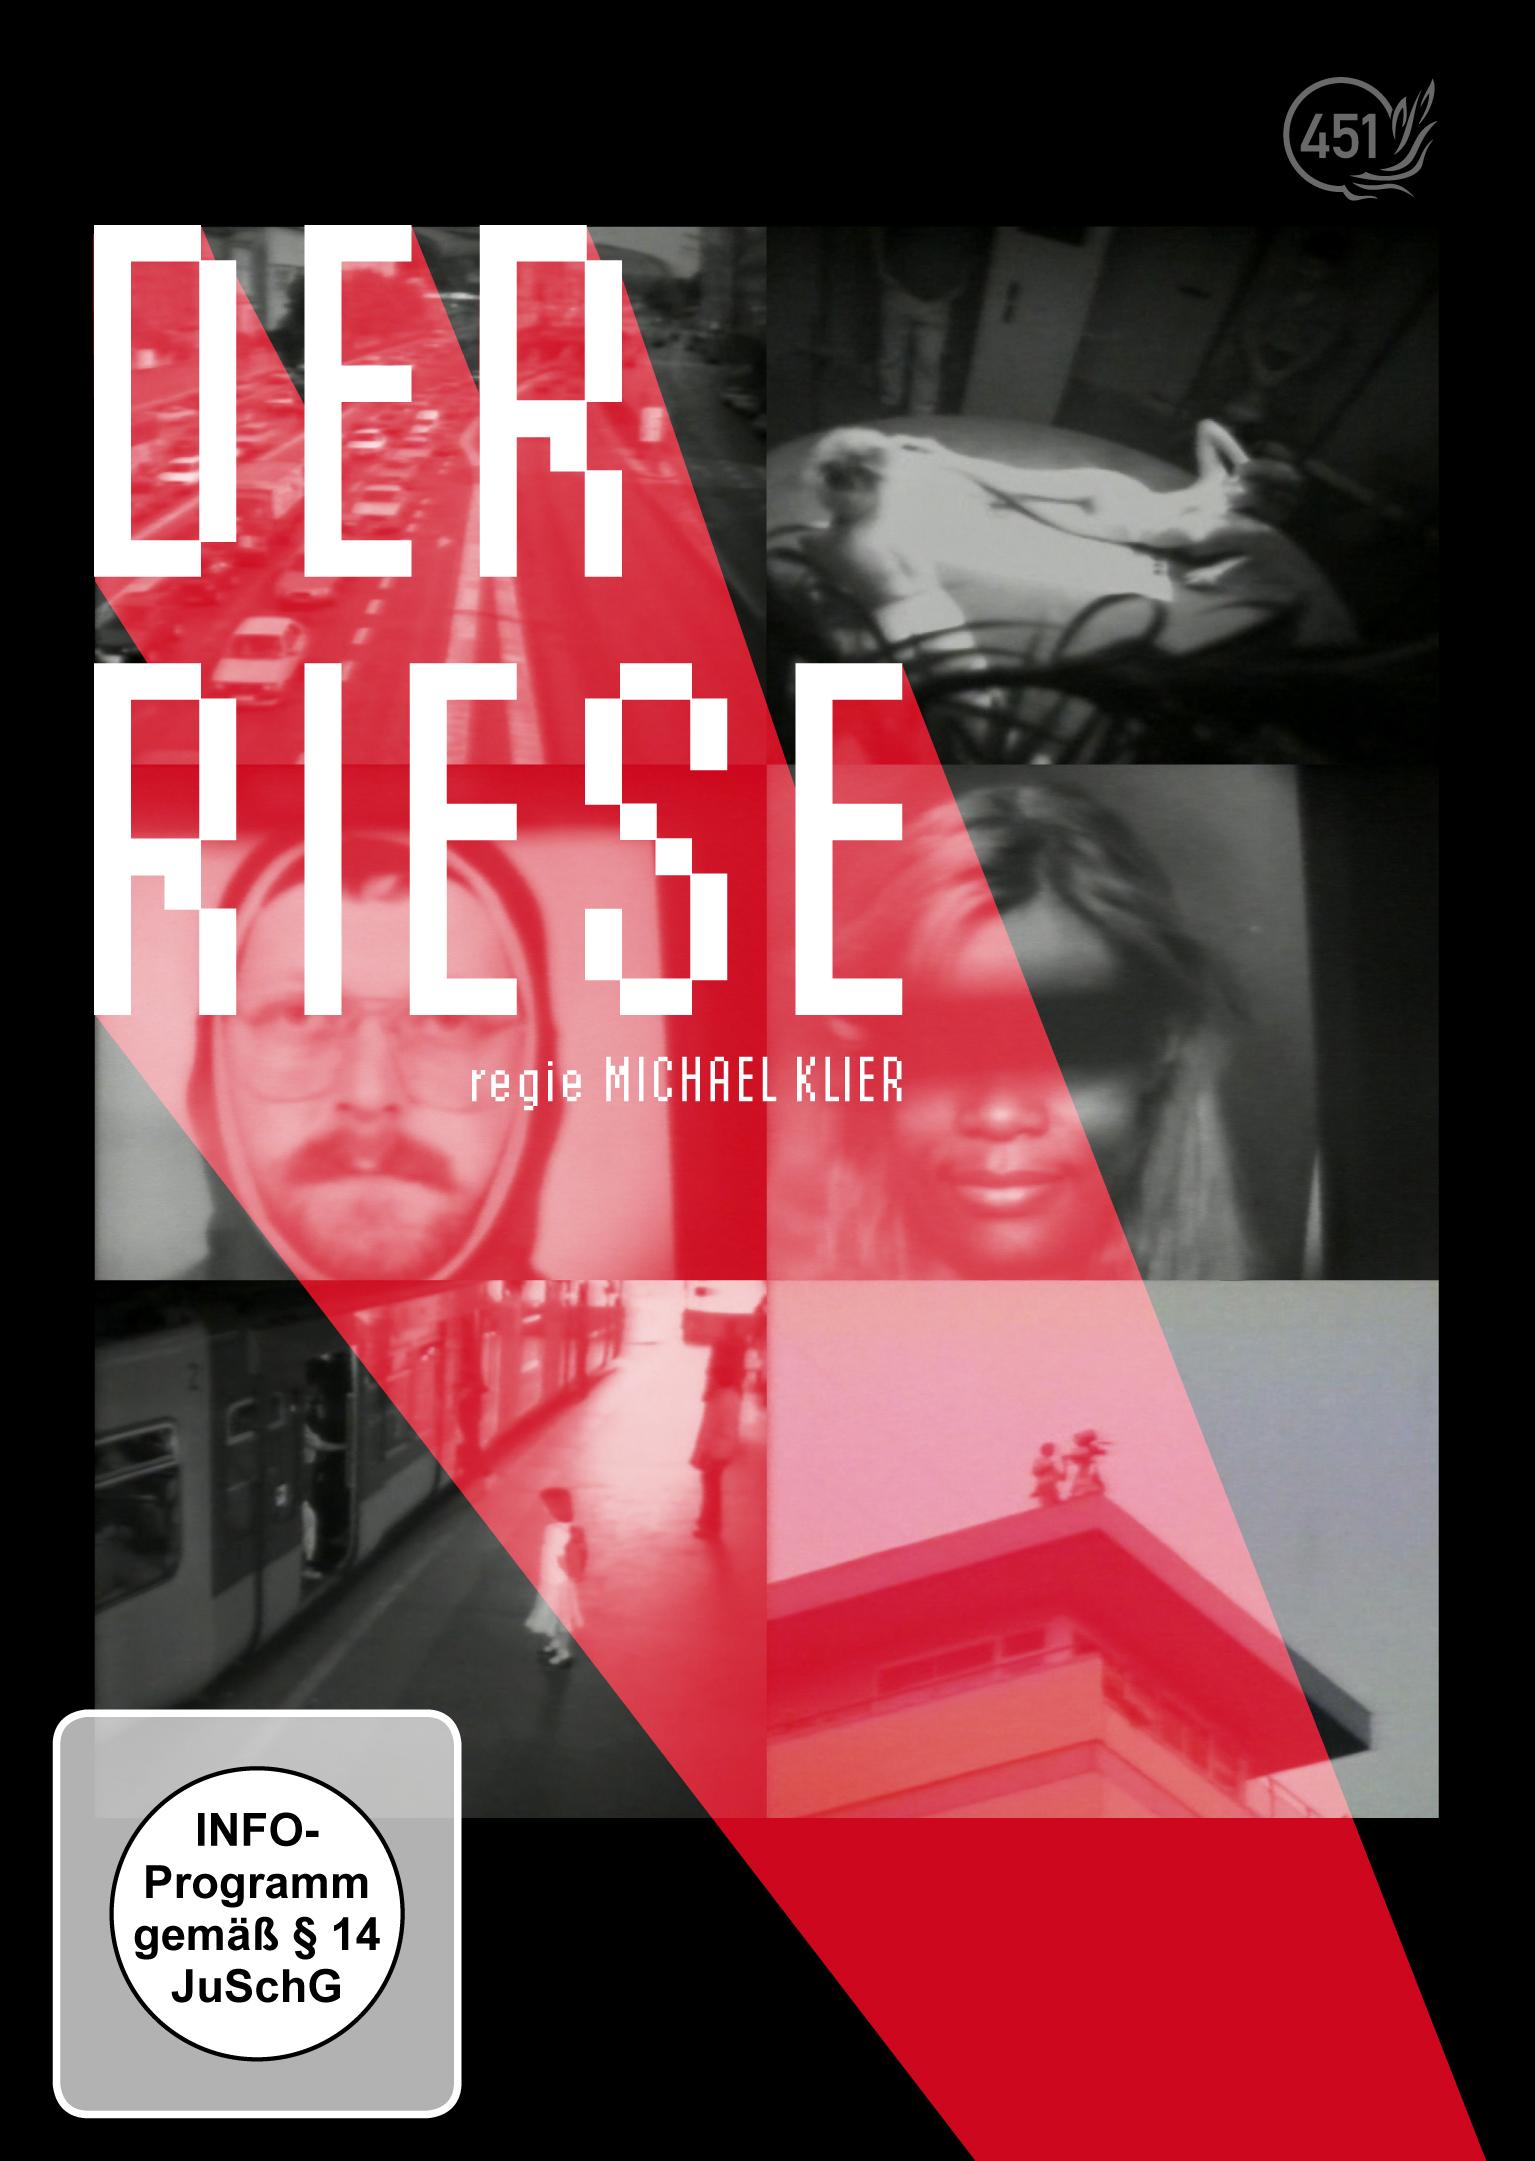 Der Riese ((1984))